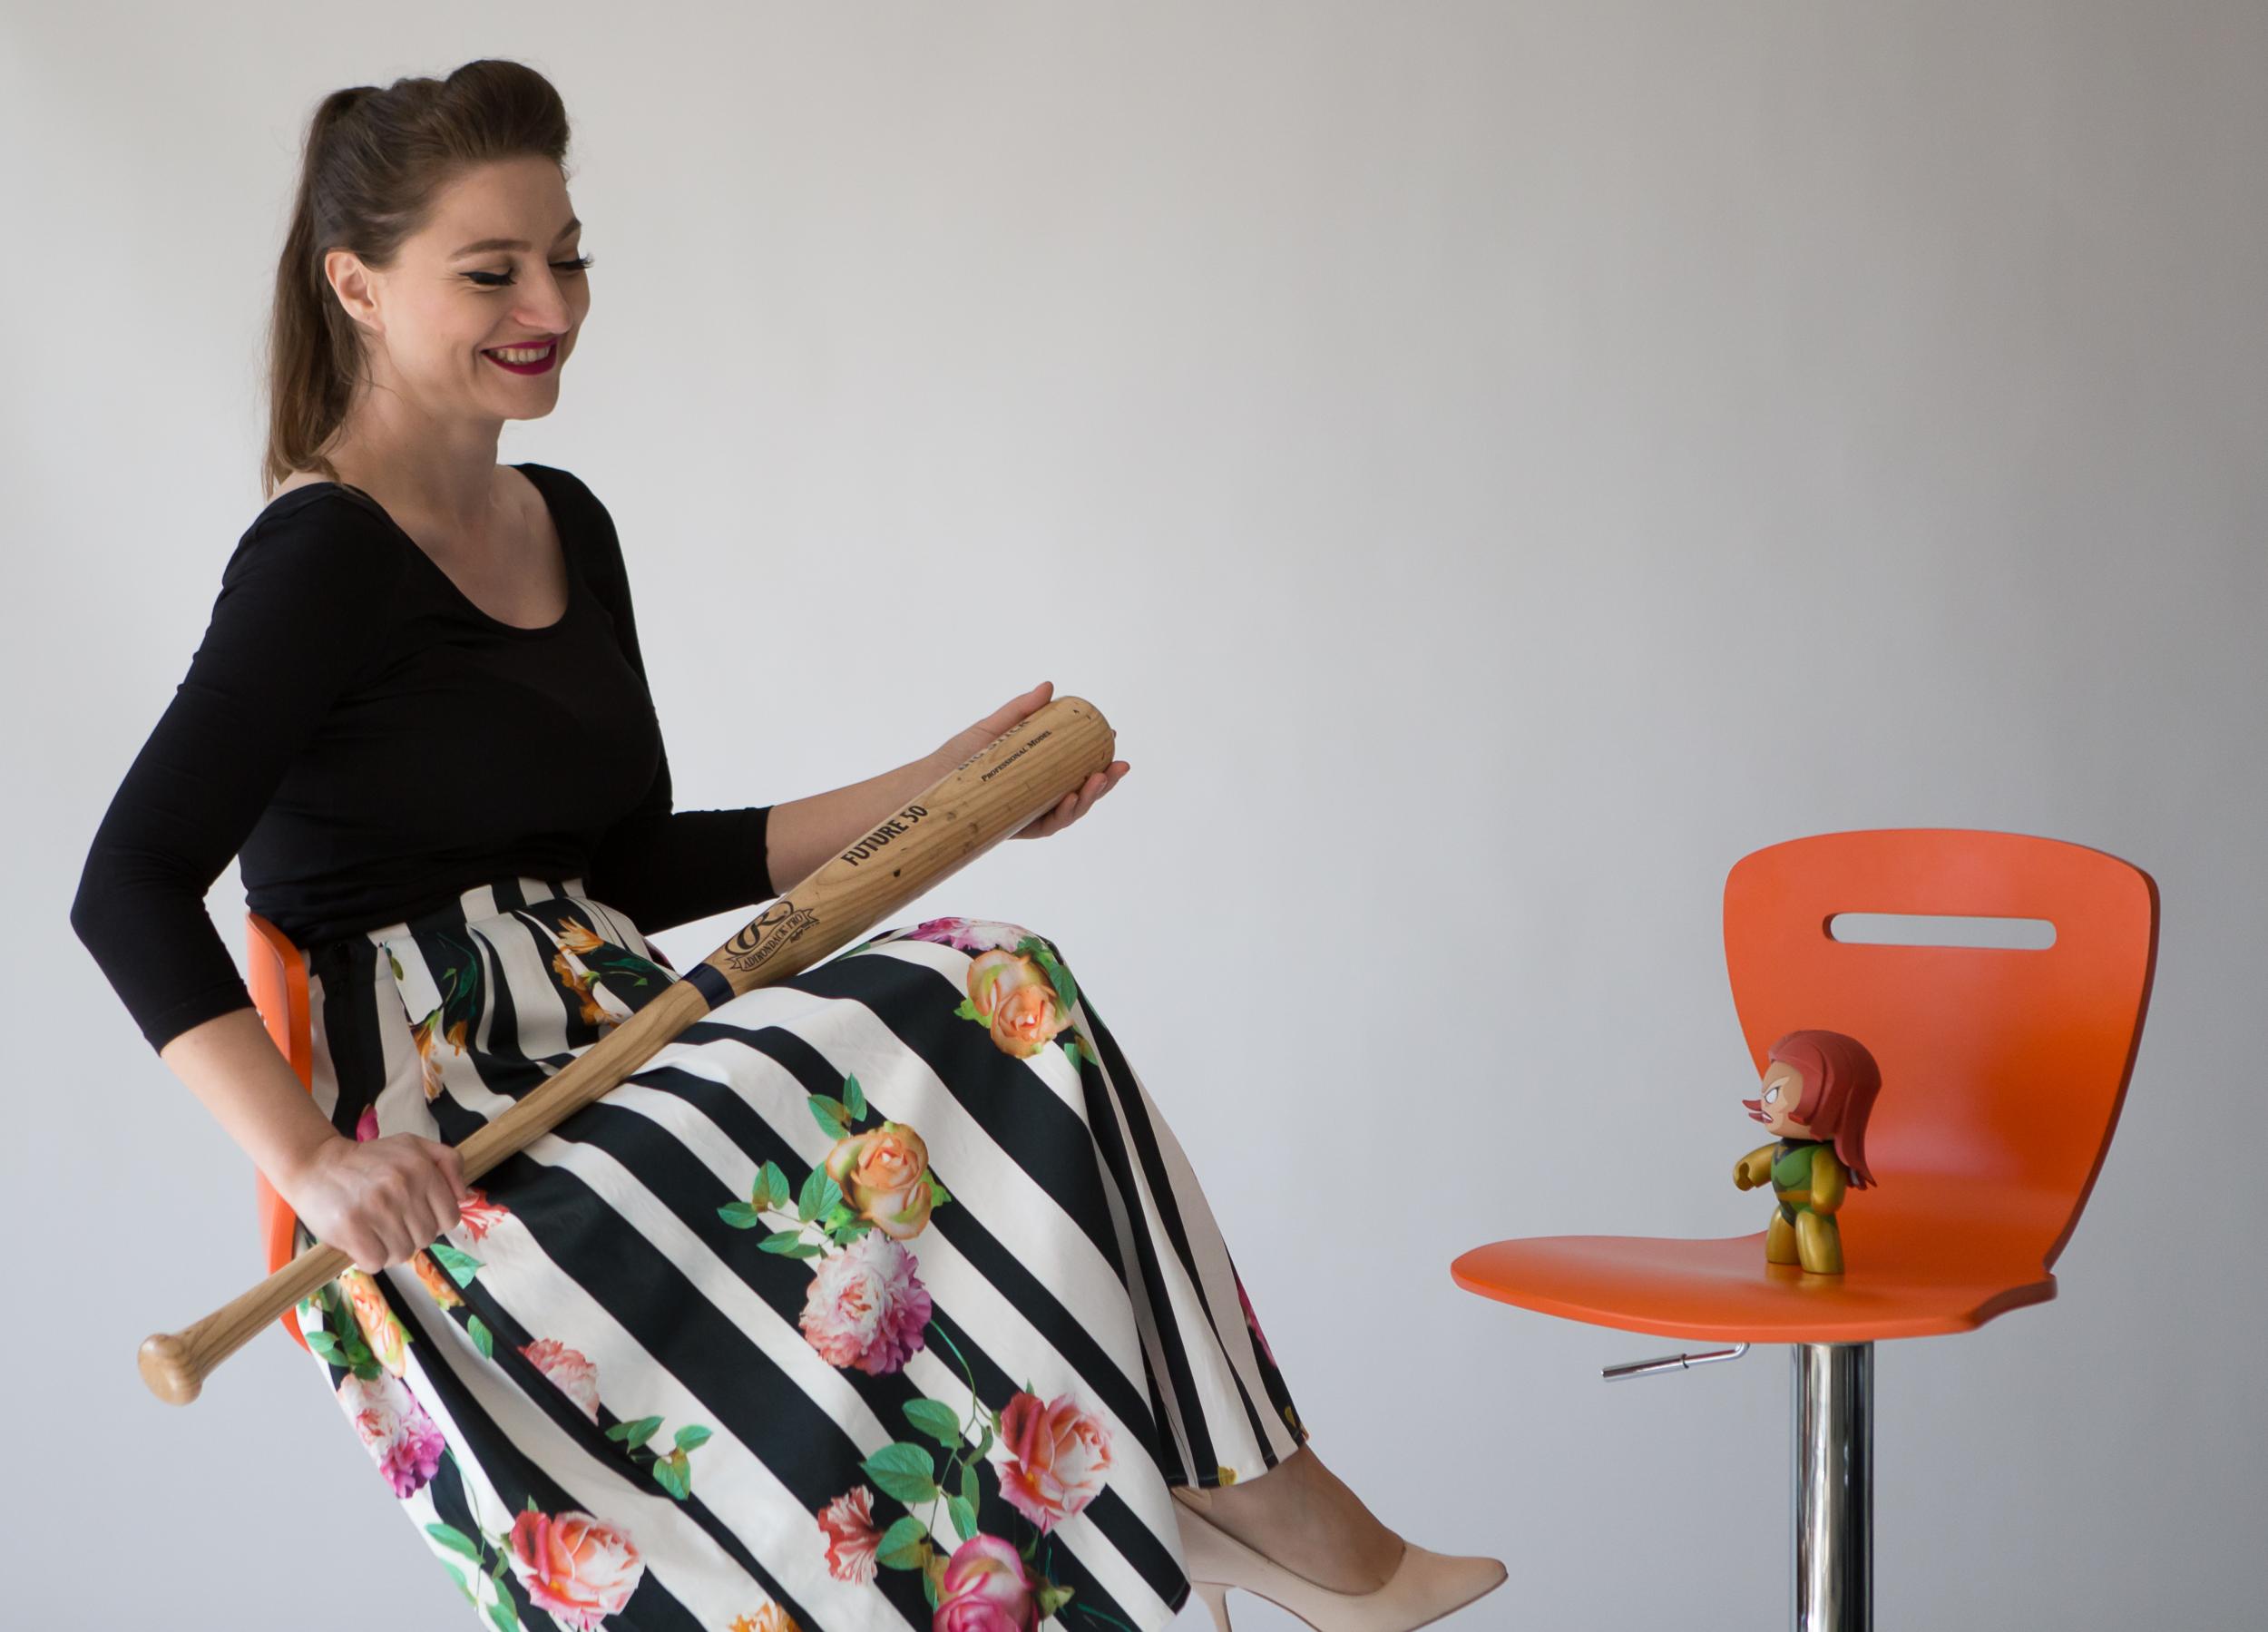 Anca Mihalache - Talent Acquisition Lead - Romania